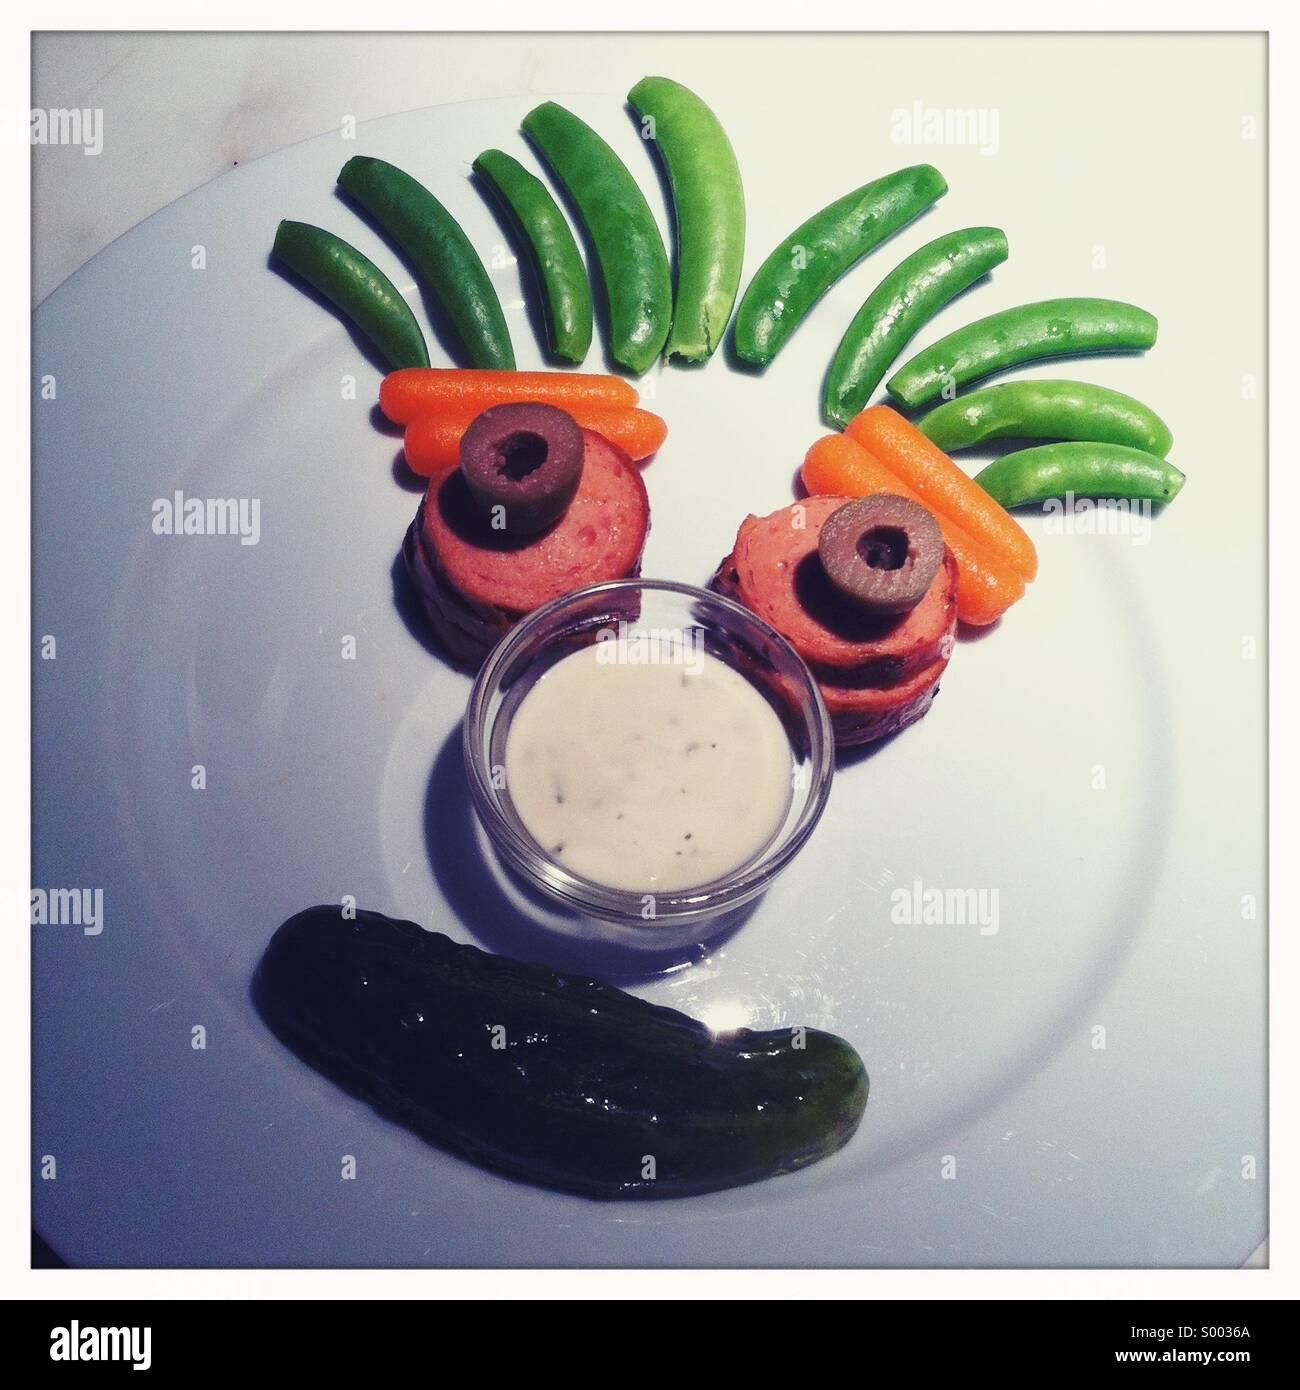 Un bambino piastra cena con una faccia creato realizzato dal cibo Immagini Stock